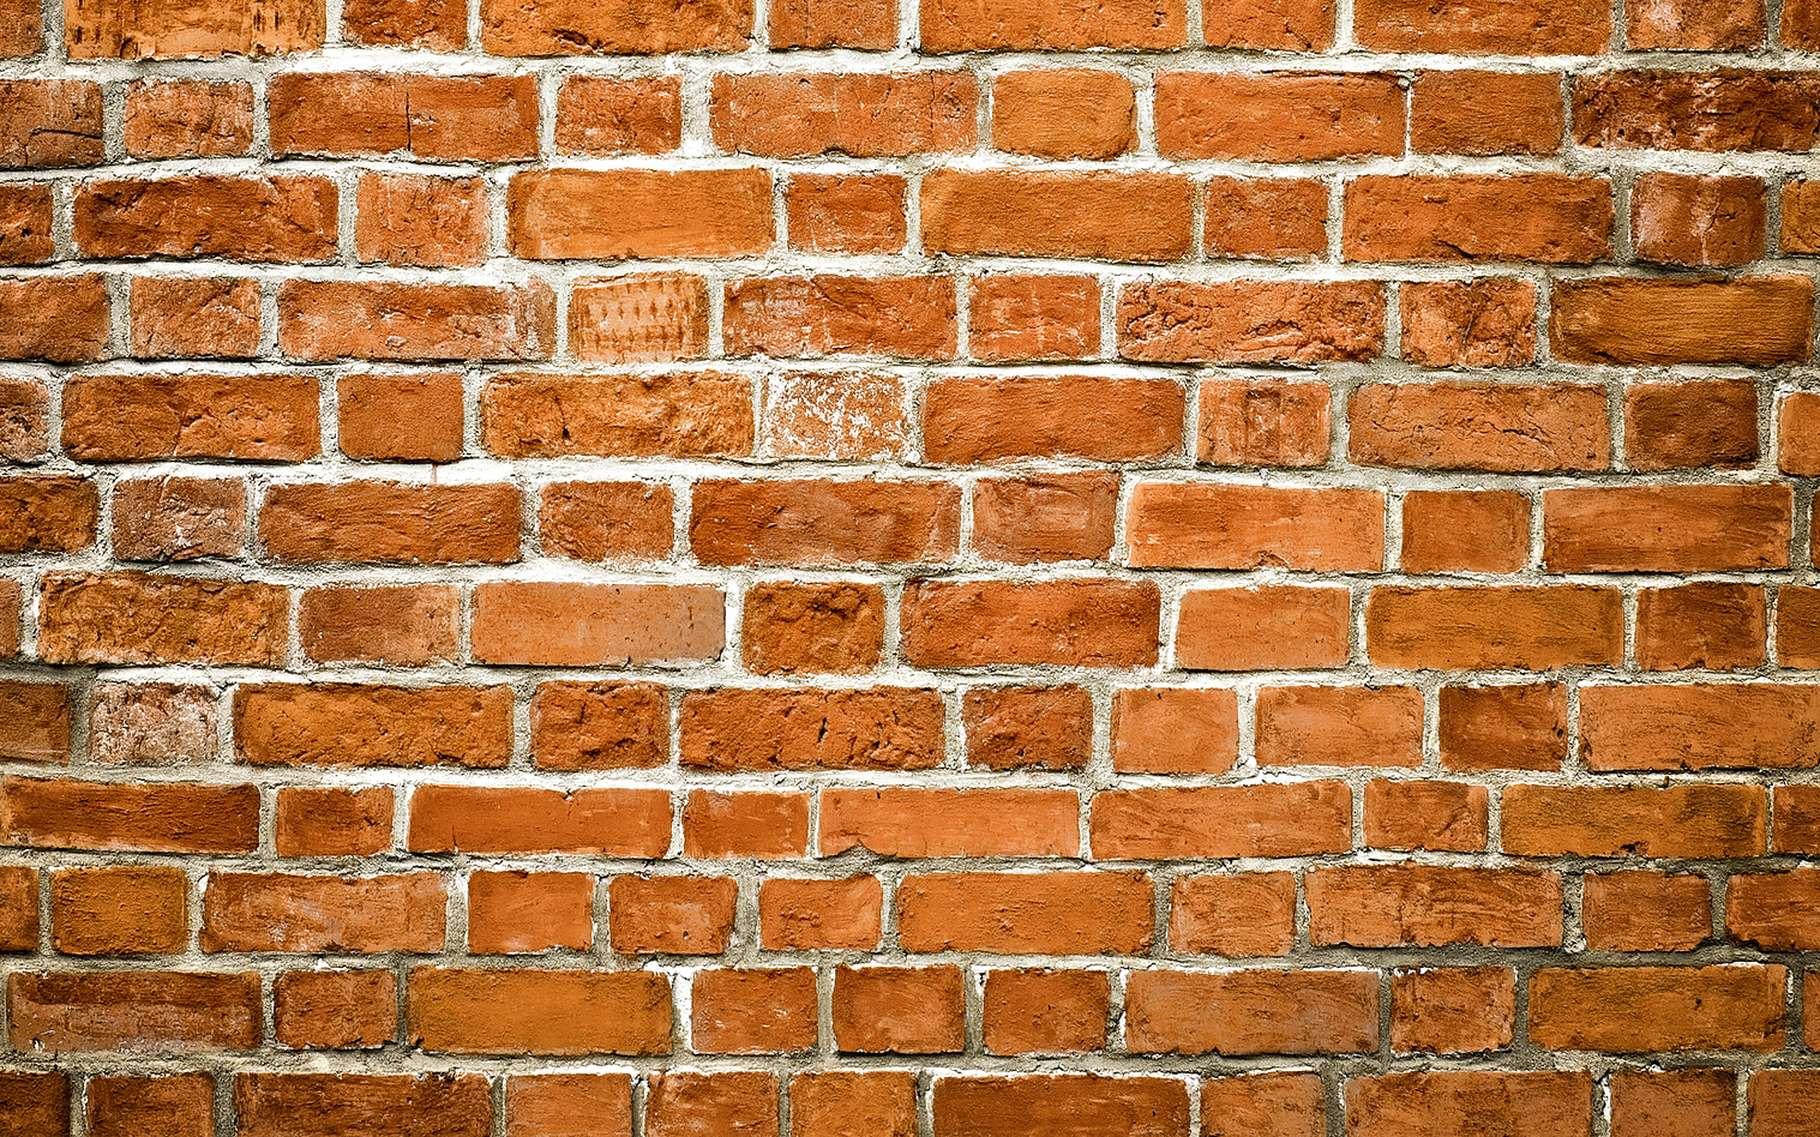 Il se fabrique chaque année dans le monde quelque 1.000 milliards de briques. Des chercheurs de la RMIT University espèrent que cette production permettra d'absorber les 72 milliards de mégots de cigarettes jetés dans la nature. © Vladitto, Shutterstock